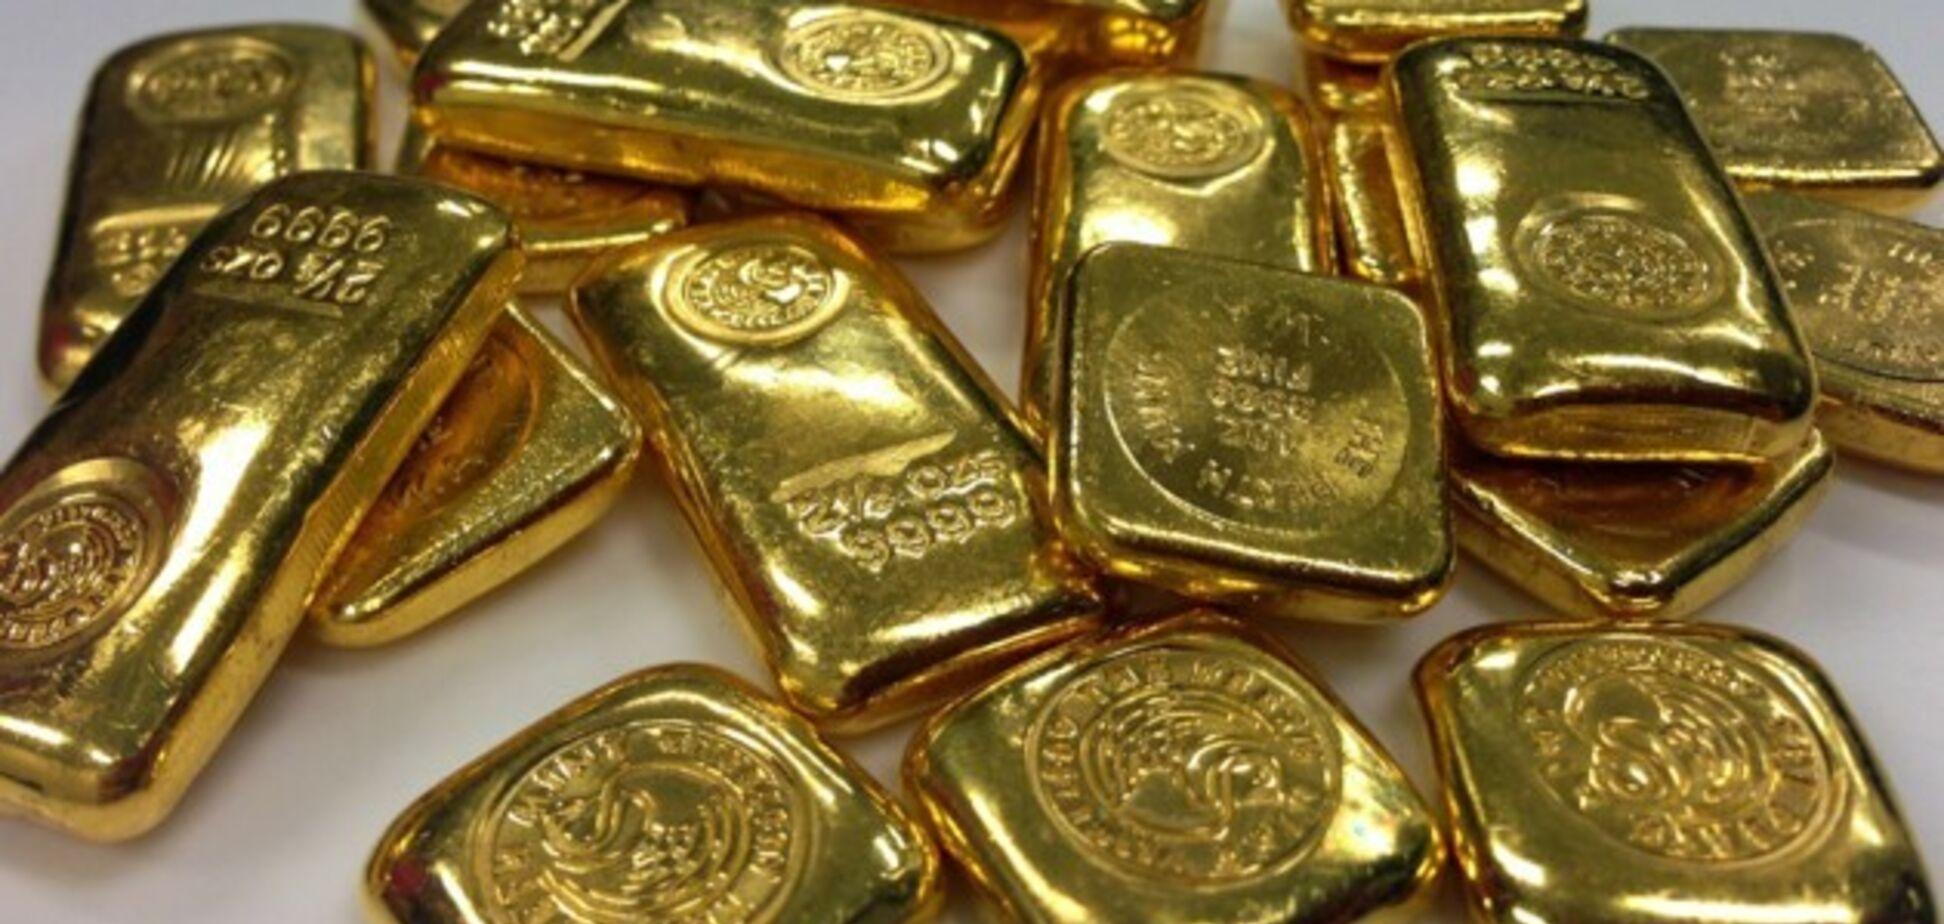 Поместилось 14 слитков: в Узбекистане нашли 'фаршированного' золотом мужчину